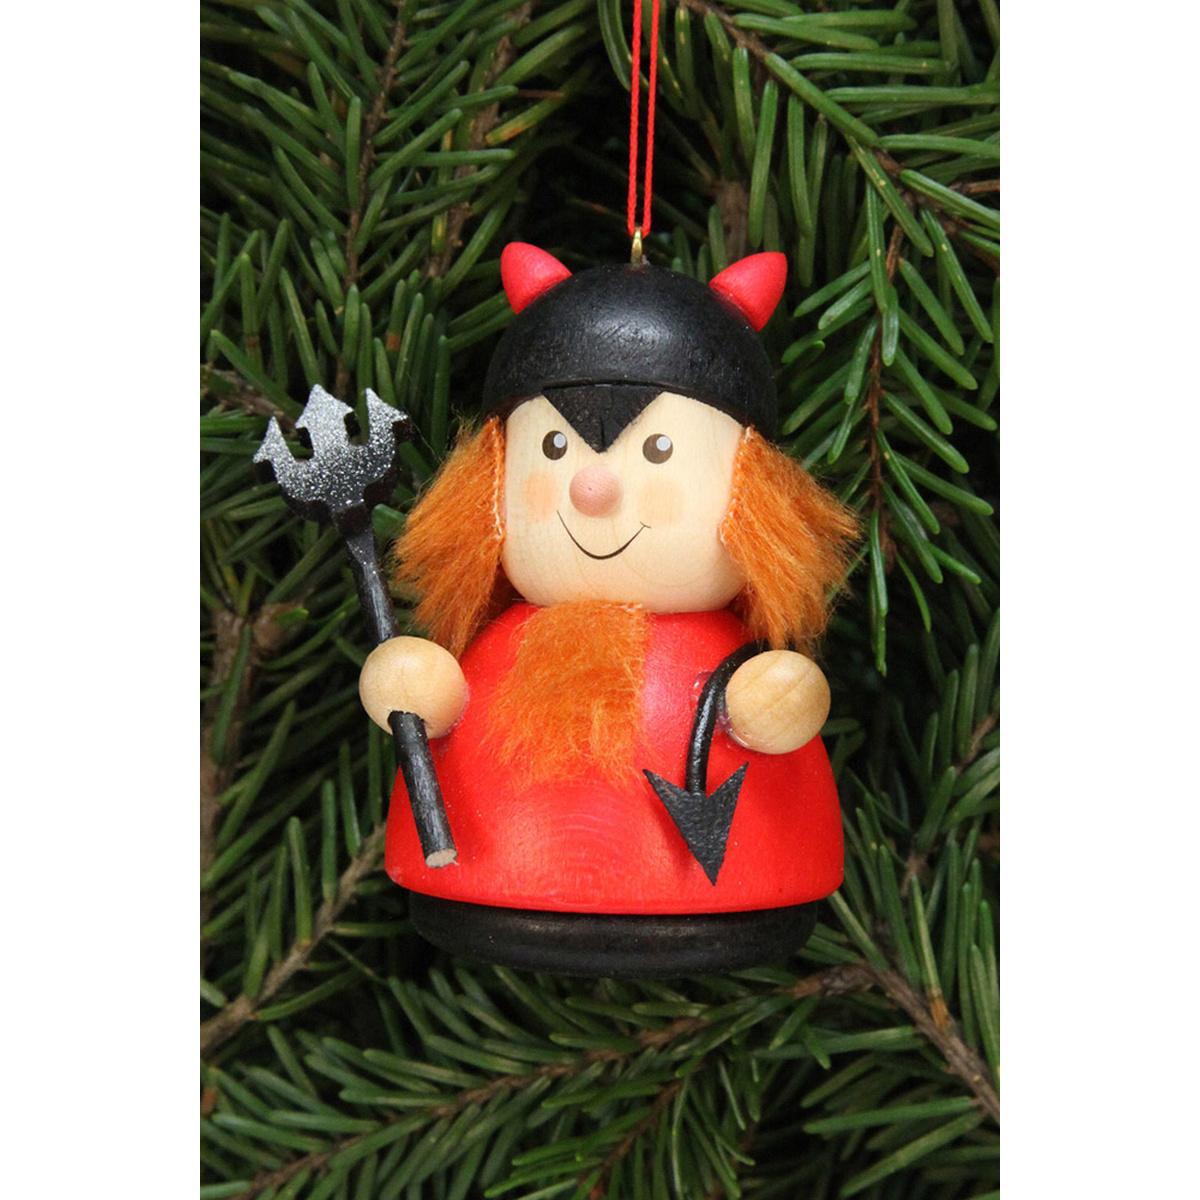 Baumbehang wackelm nnchen teufelchen von christian ulbricht f r kaufen - Weihnachtsdeko figuren ...